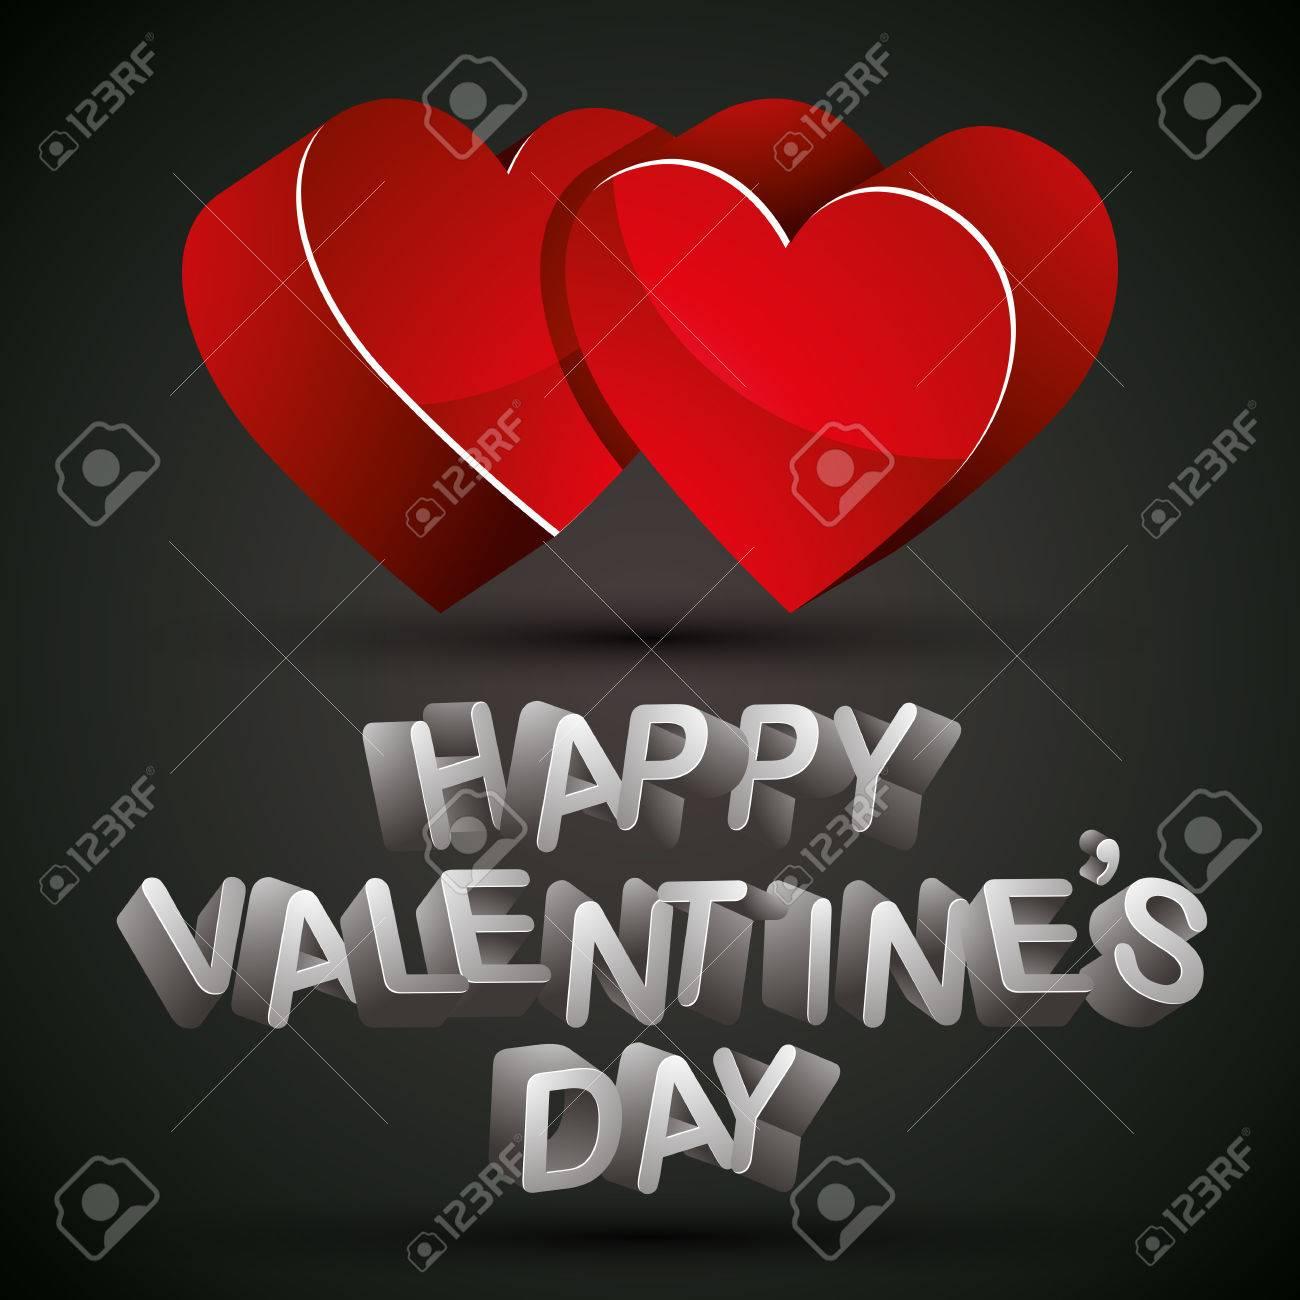 Frase Del Día De San Valentín Feliz Hecha Con Letras 3d Y Dos Corazones Rojos Sobre Fondo Oscuro Tarjeta De San Valentín Vector